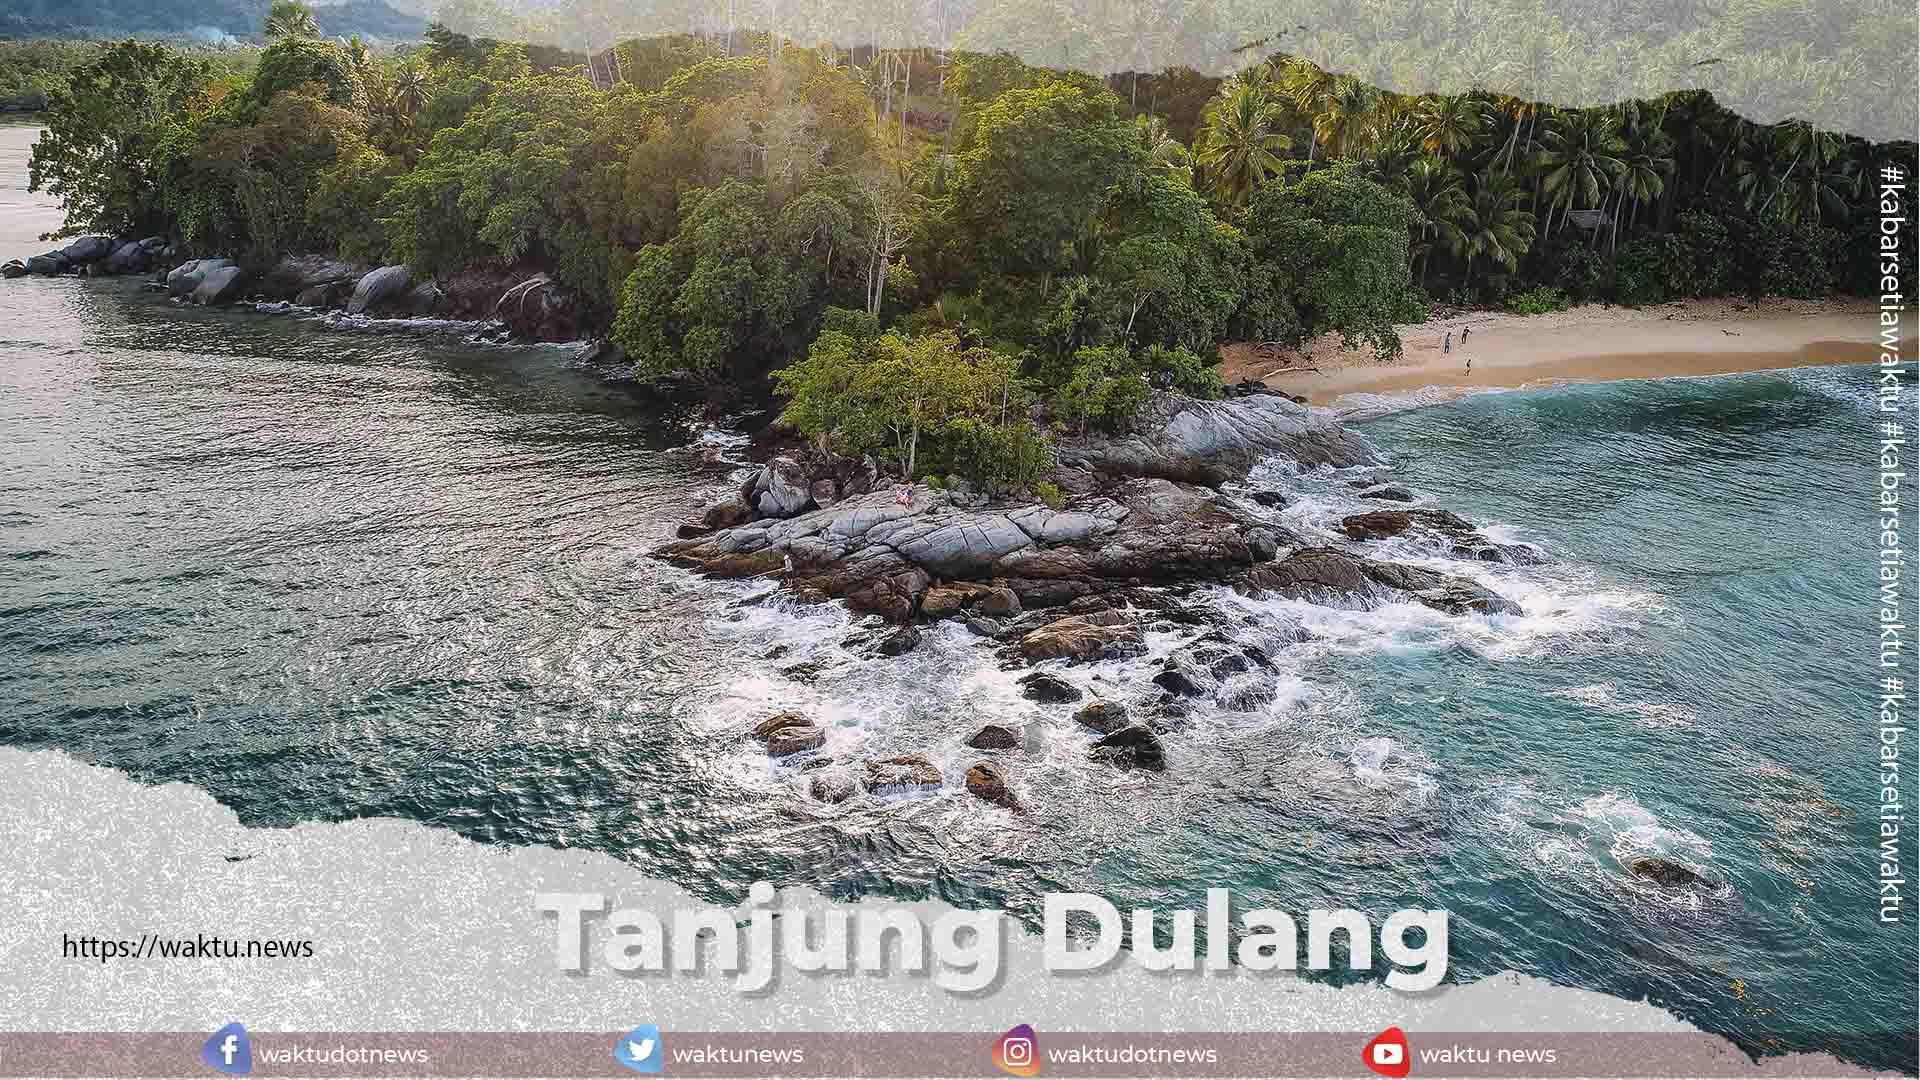 Pantai Tanjung Dulang